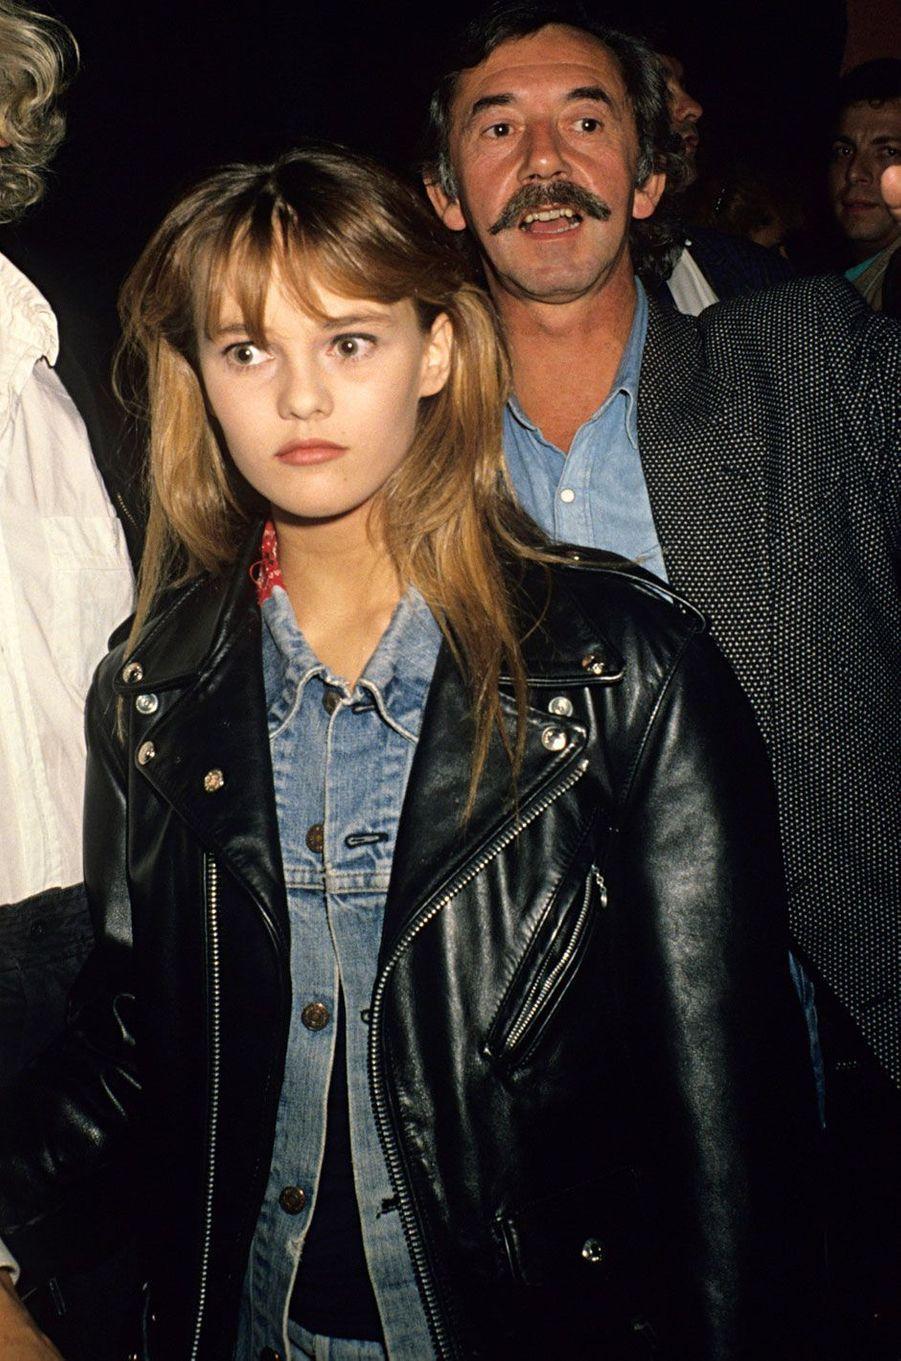 Vanessa Paradis avec son oncle Didier Pain à une soirée aux Bains Douches en 1987